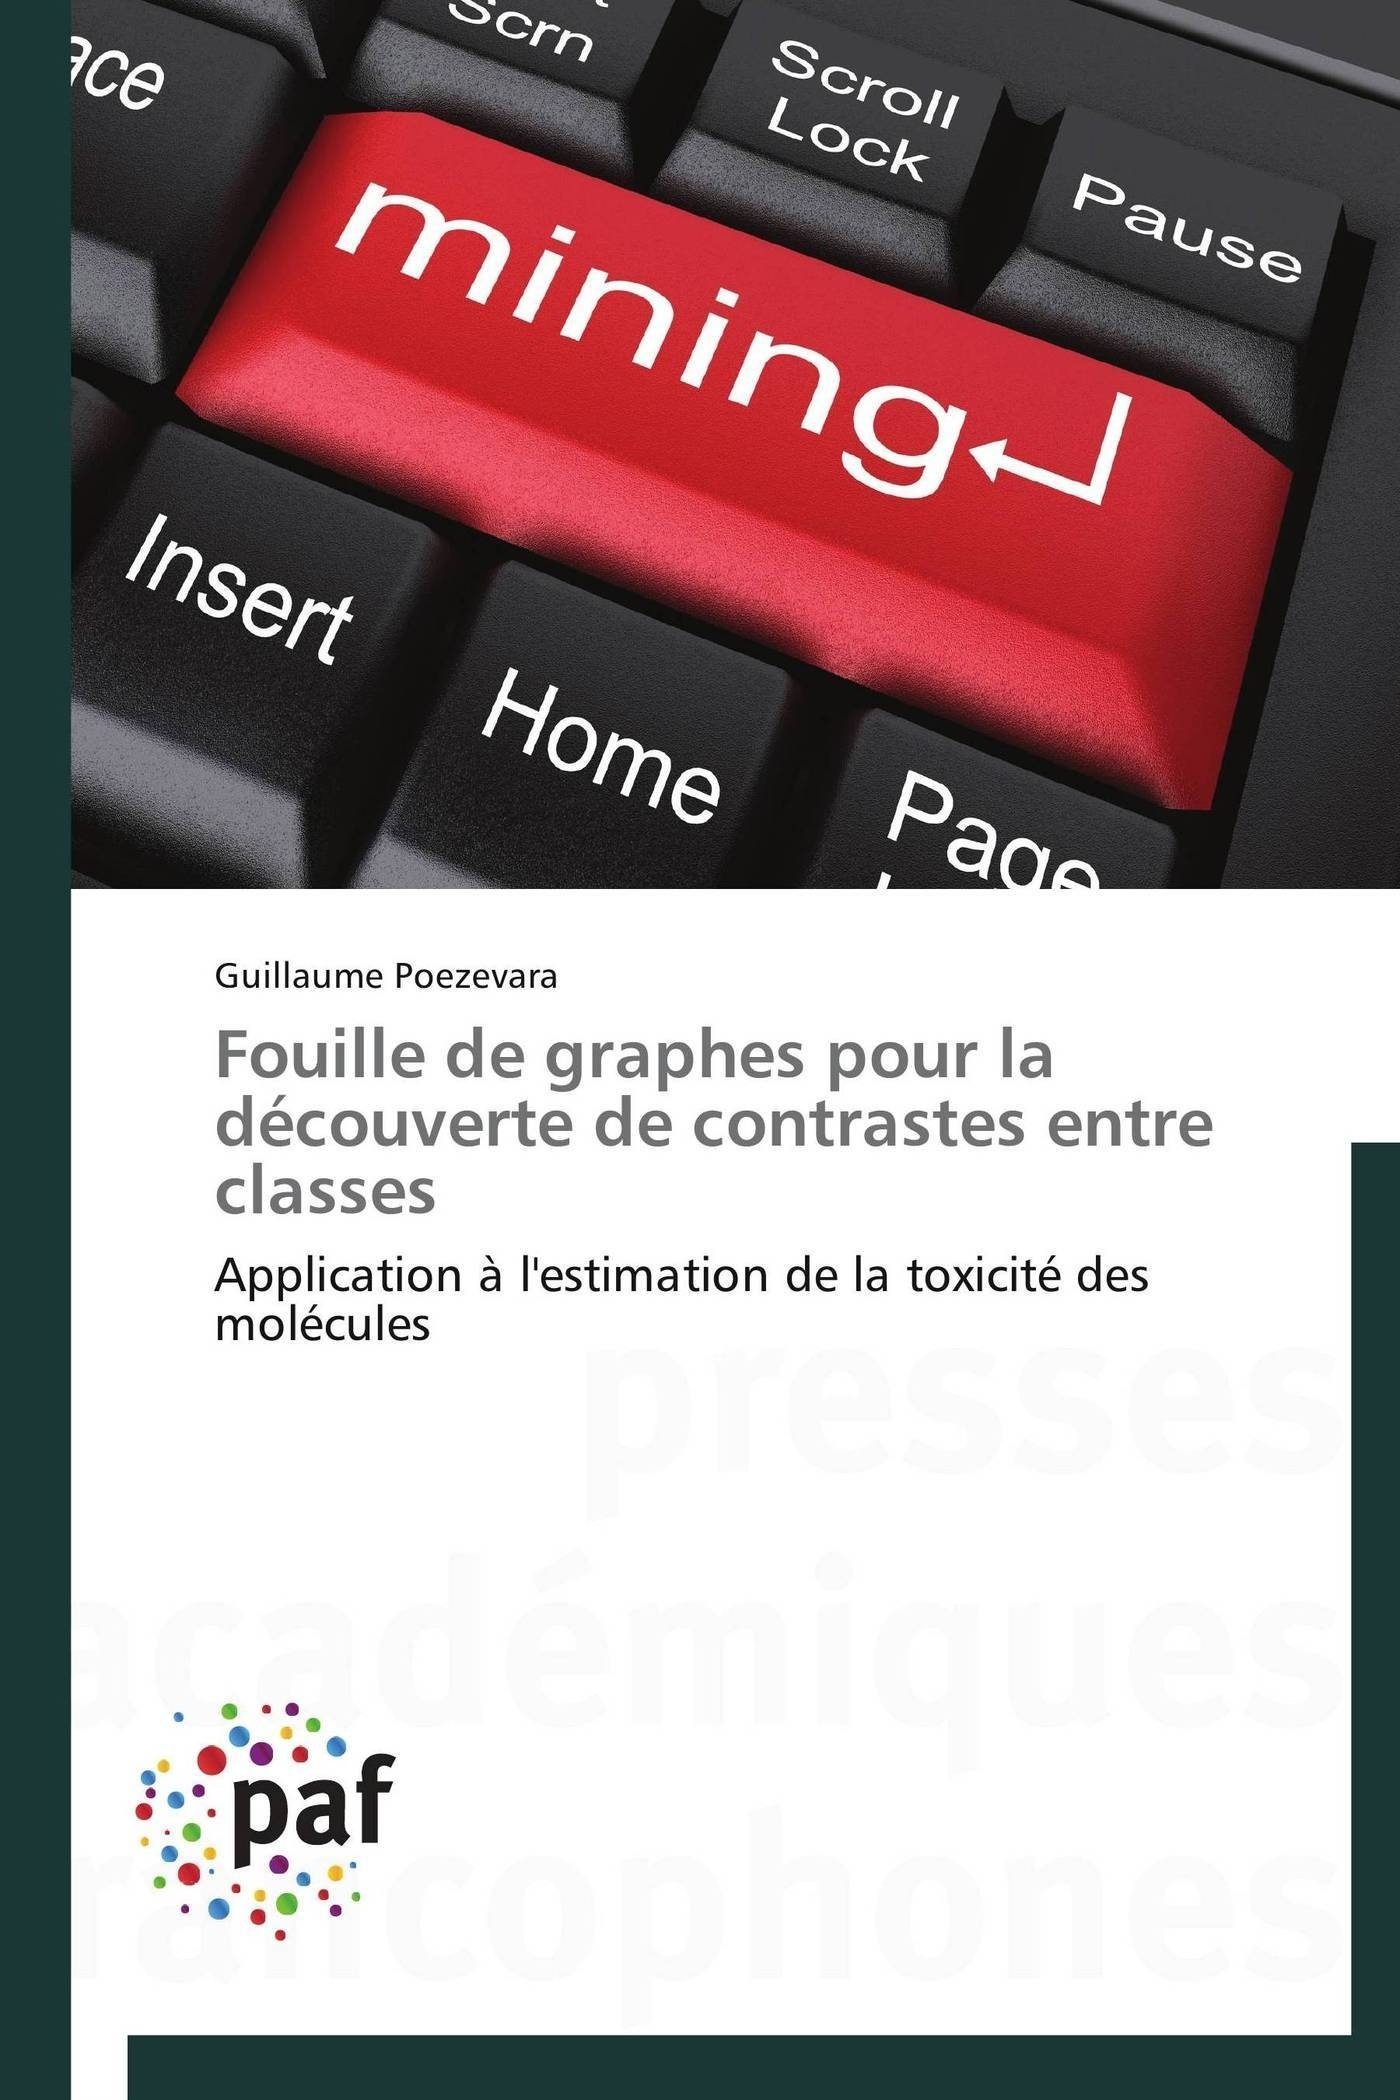 FOUILLE DE GRAPHES POUR LA DECOUVERTE DE CONTRASTES ENTRE CLASSES